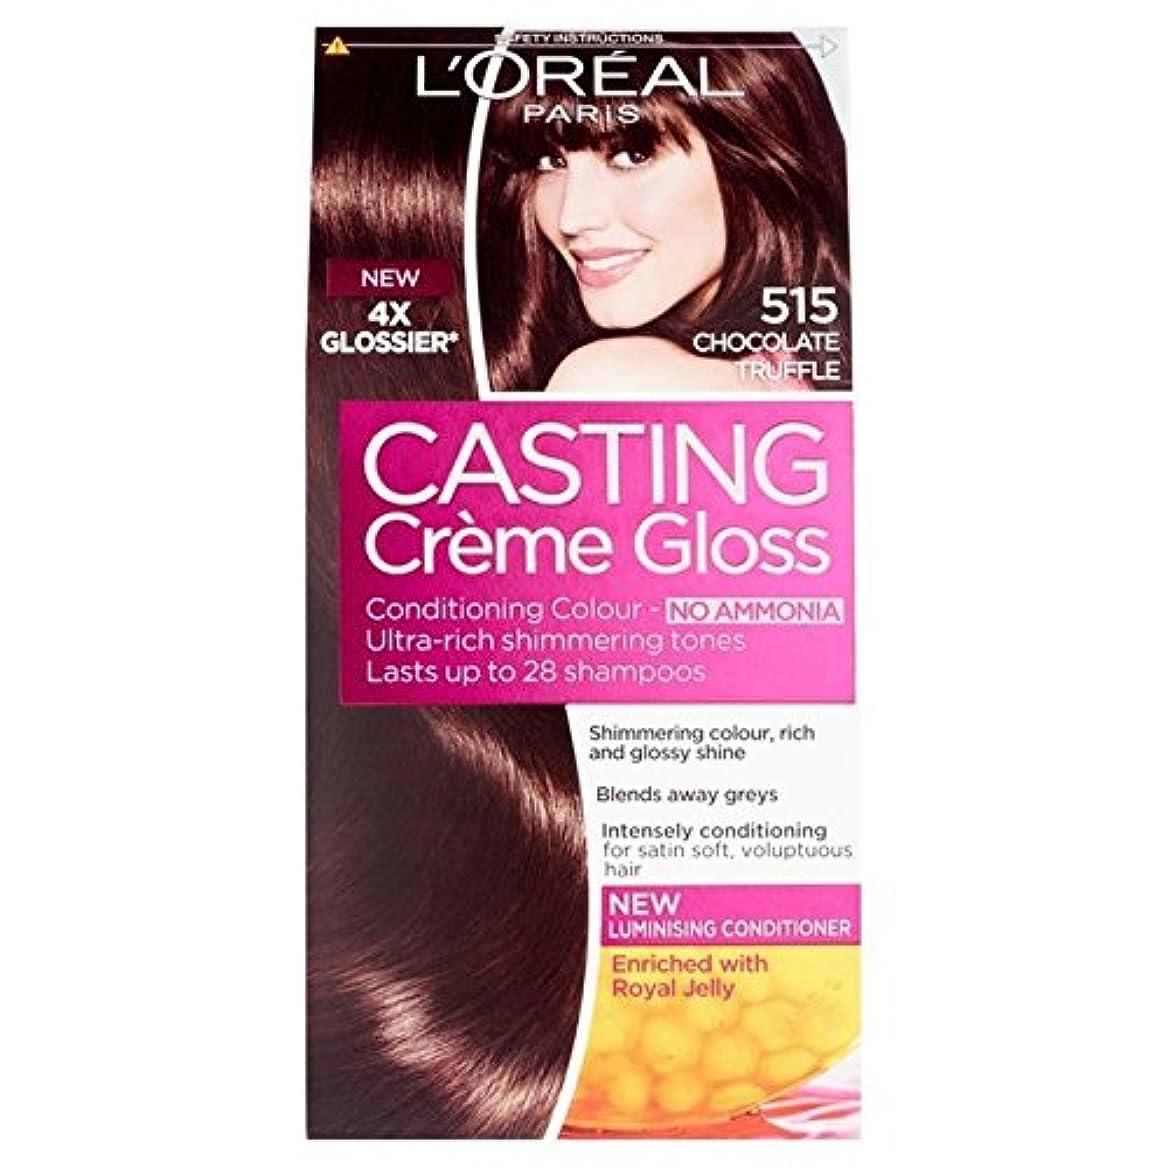 ベアリングサークル雪アミューズメントL'Oreal Casting Creme Gloss Choc Truffle 515 (Pack of 6) - ロレアルのキャスティングクリームグロスチョコトリュフ515 x6 [並行輸入品]